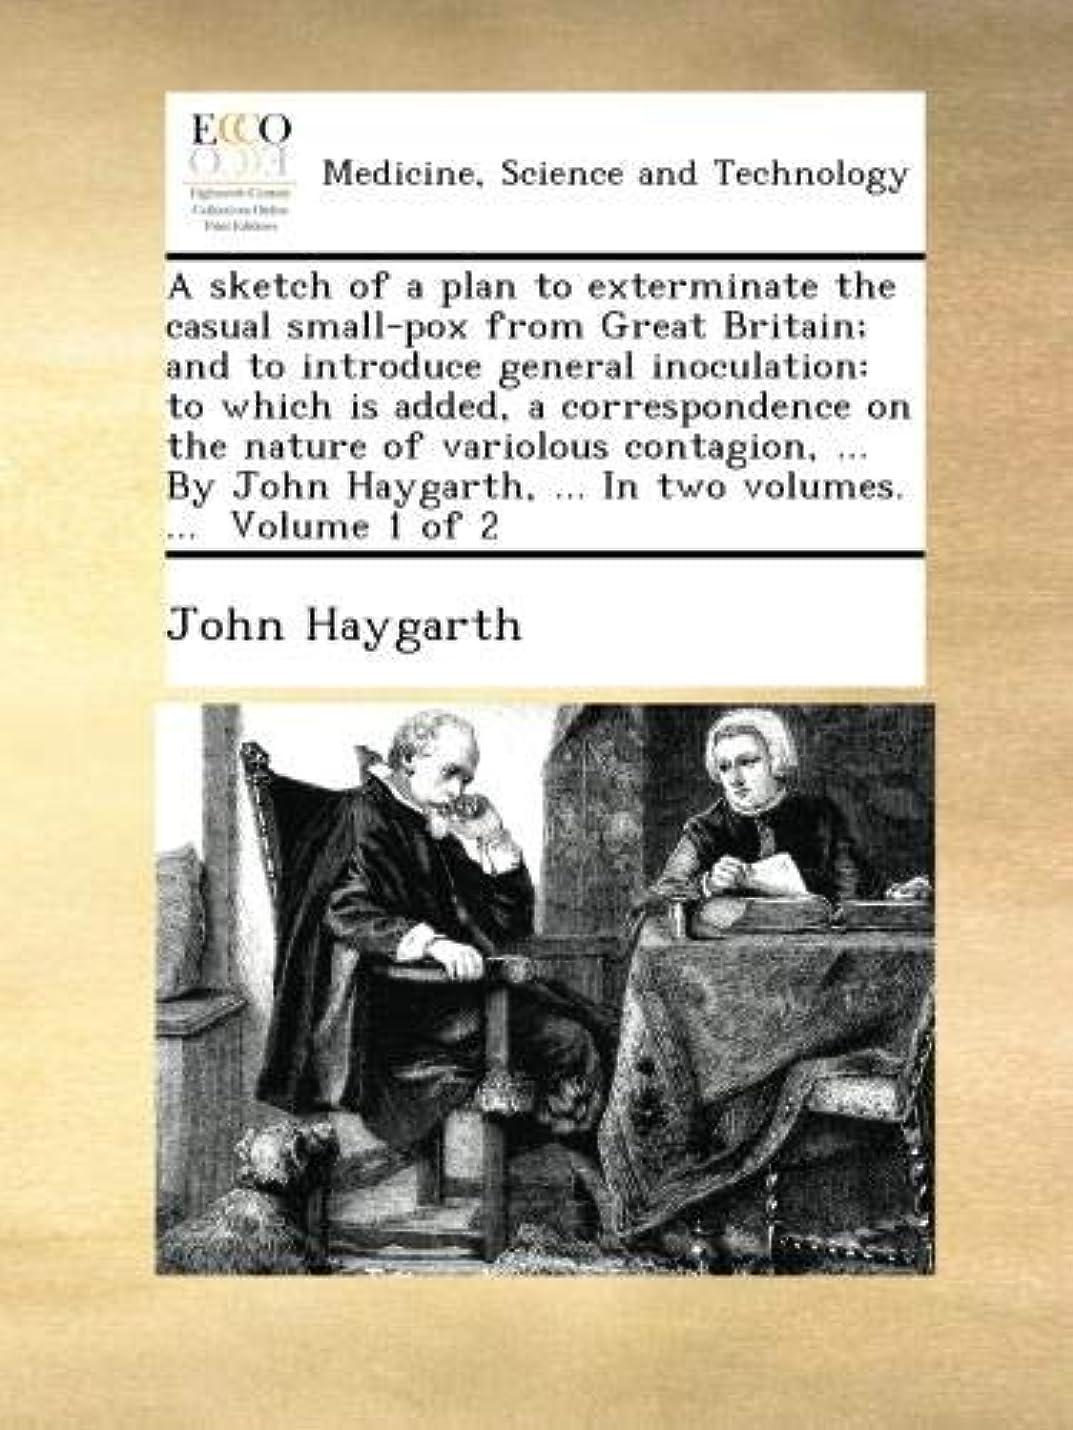 コンパニオンメロディアス真っ逆さまA sketch of a plan to exterminate the casual small-pox from Great Britain; and to introduce general inoculation: to which is added, a correspondence on the nature of variolous contagion, ... By John Haygarth, ... In two volumes. ...  Volume 1 of 2